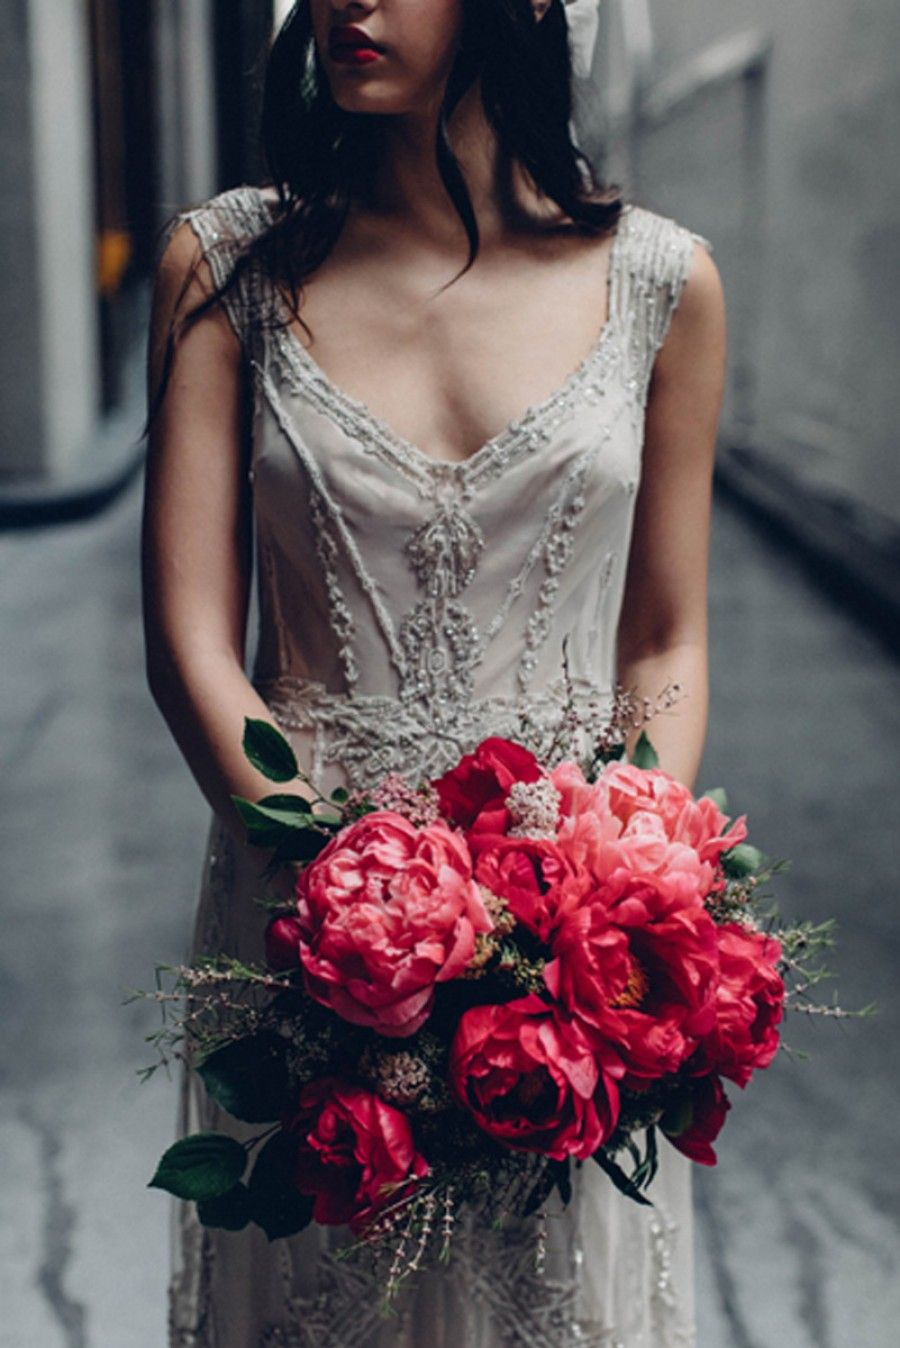 Alte Welt & neue Hochzeitsinspiration   – Bride.